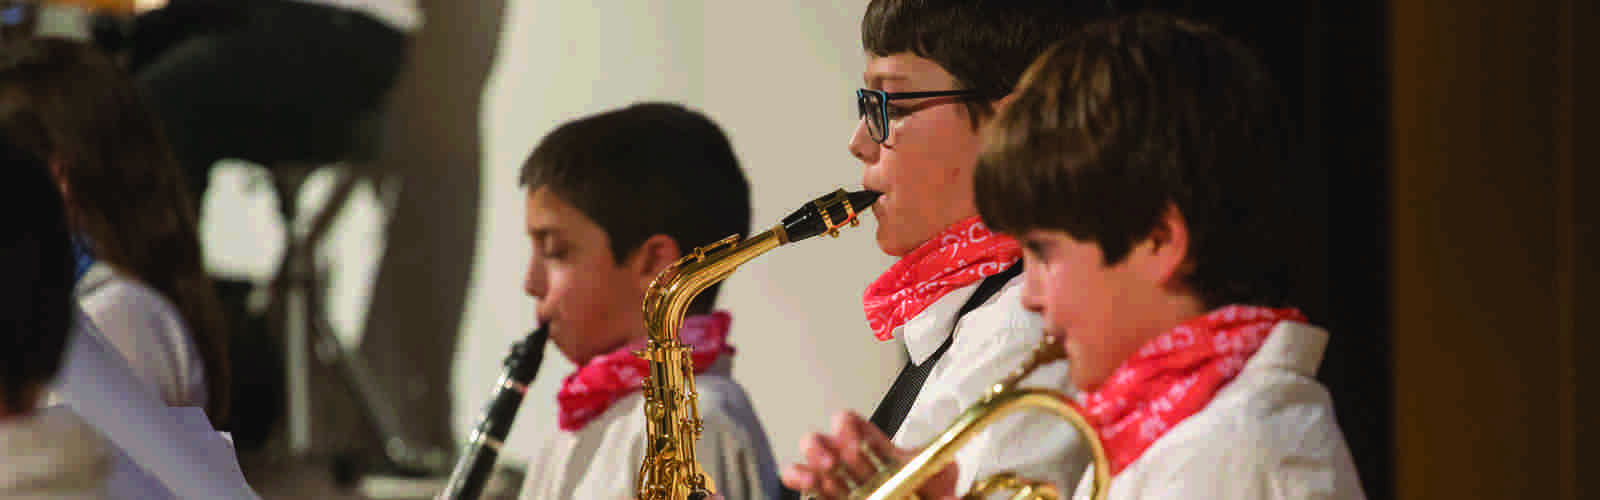 slider_escolamusica2-2